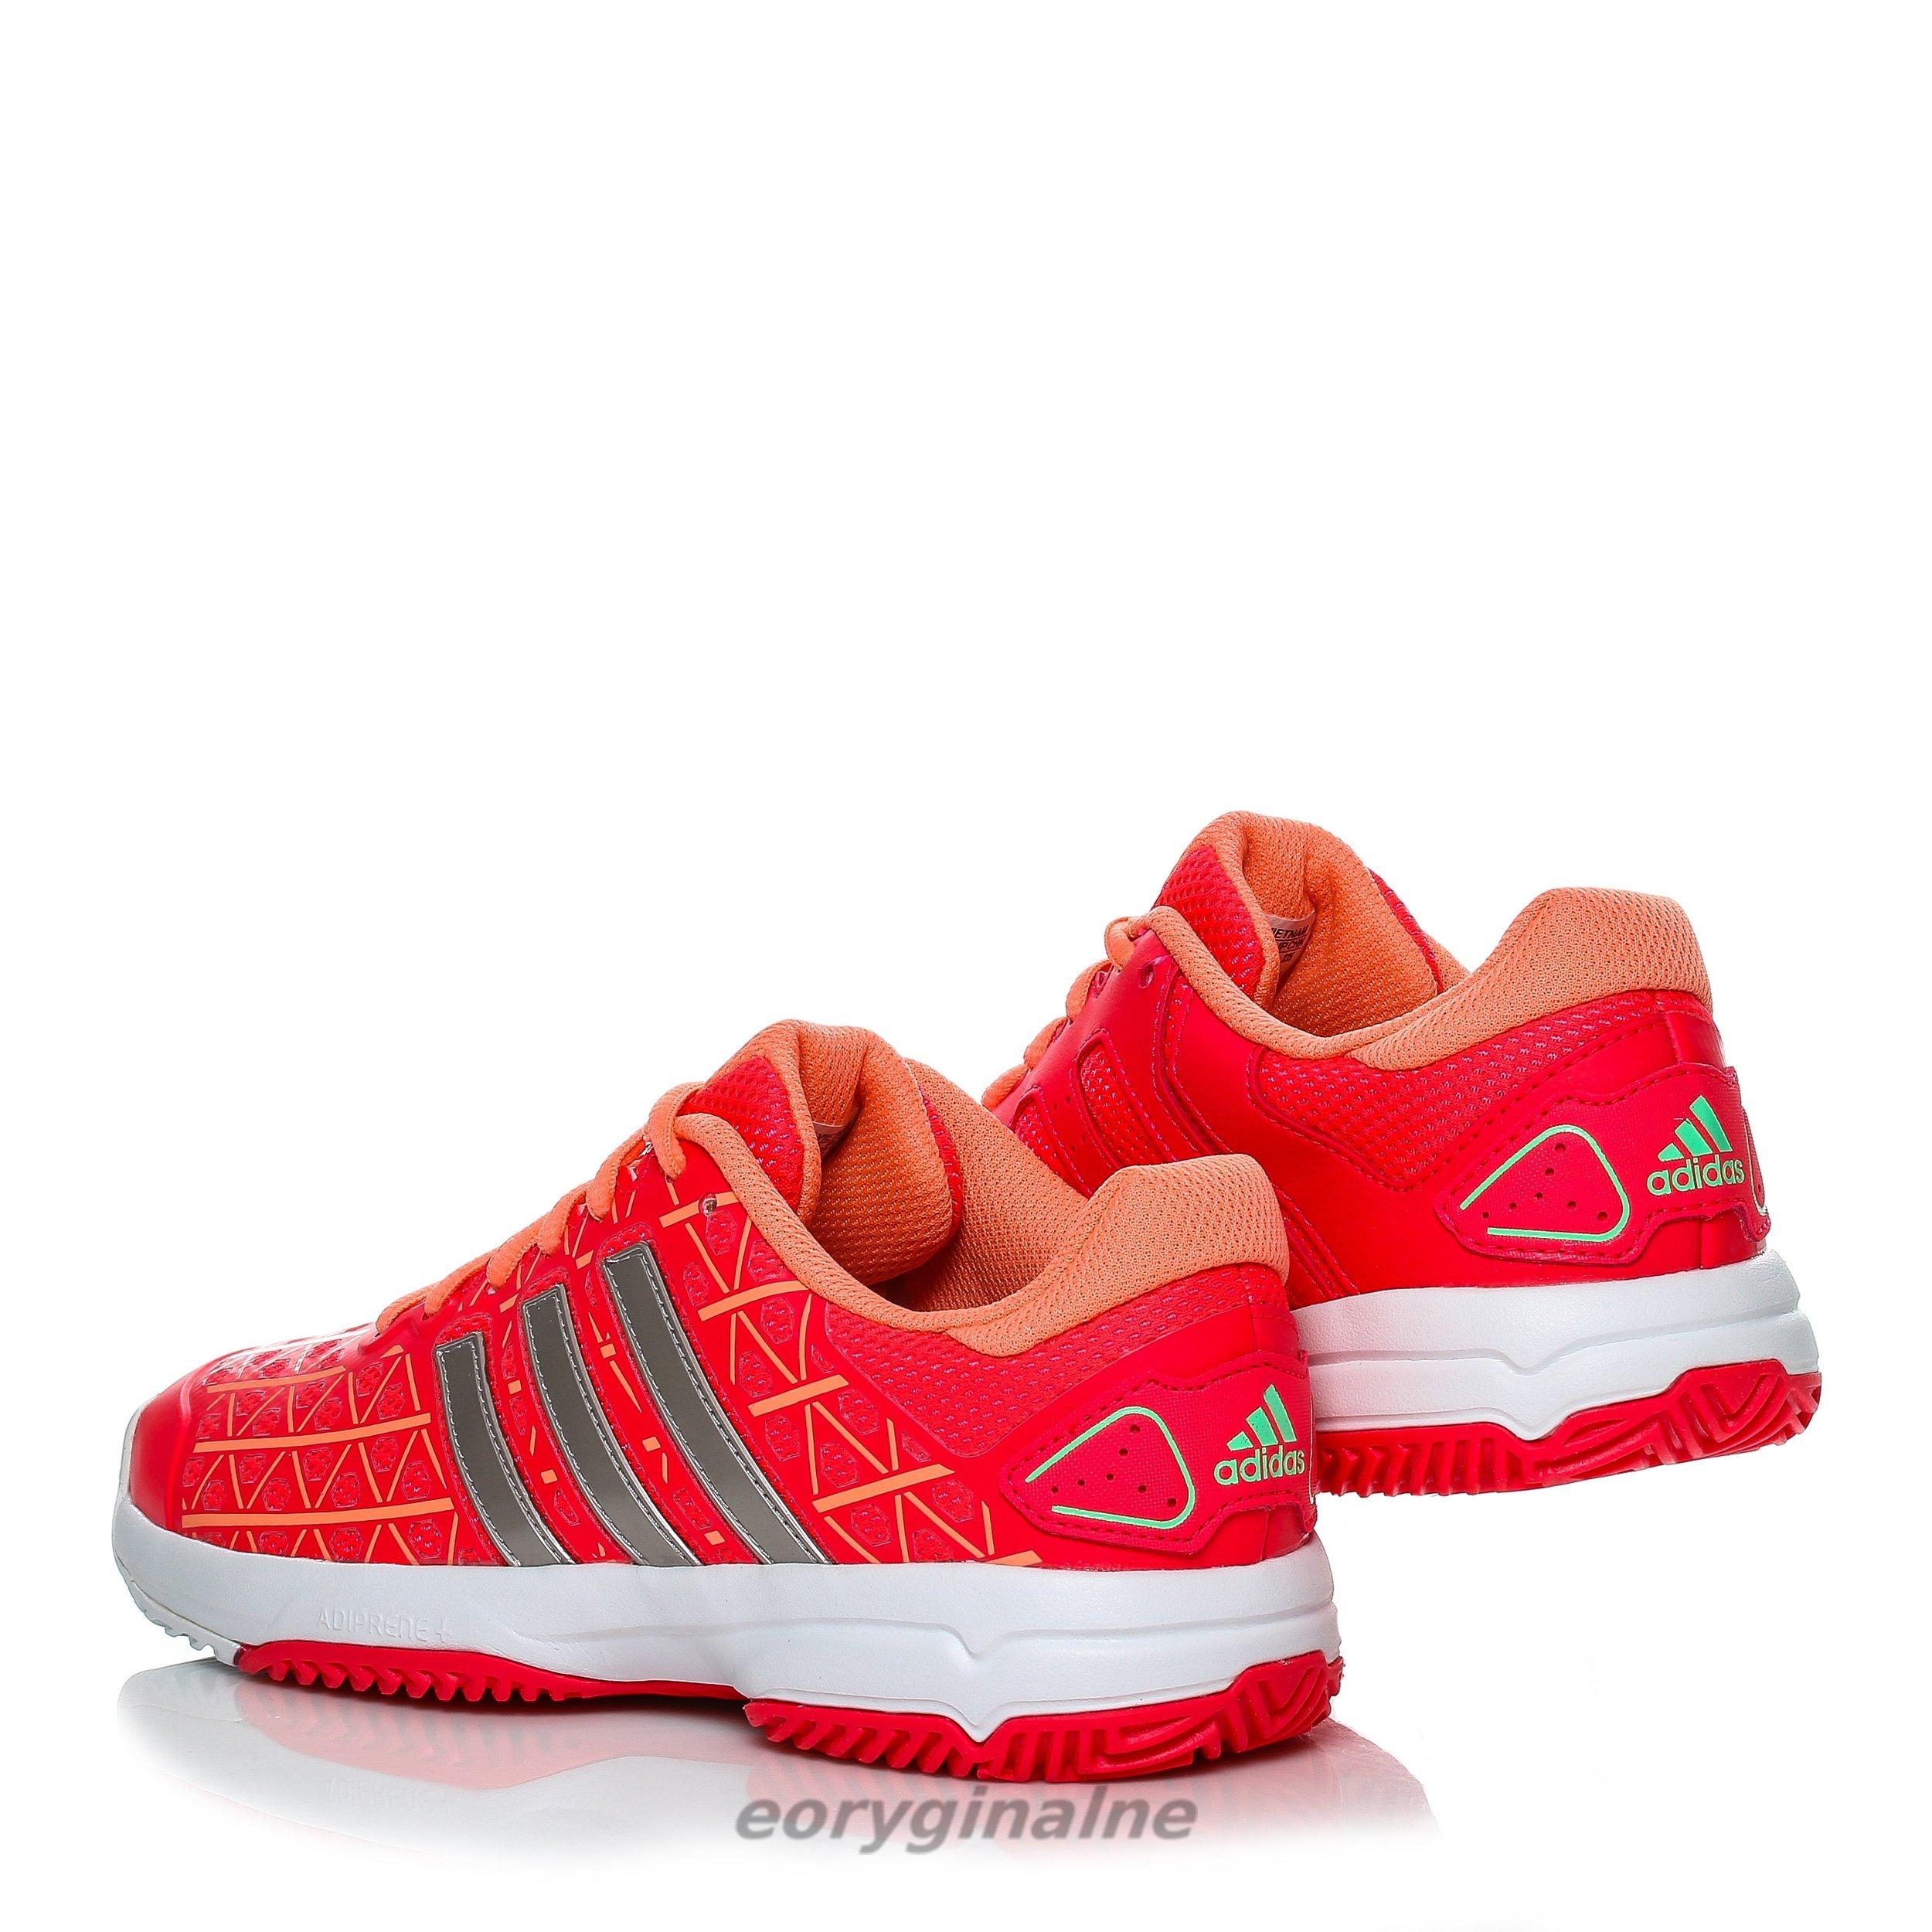 Buty damskie Adidas Barricade Club AF4626 r.38 23